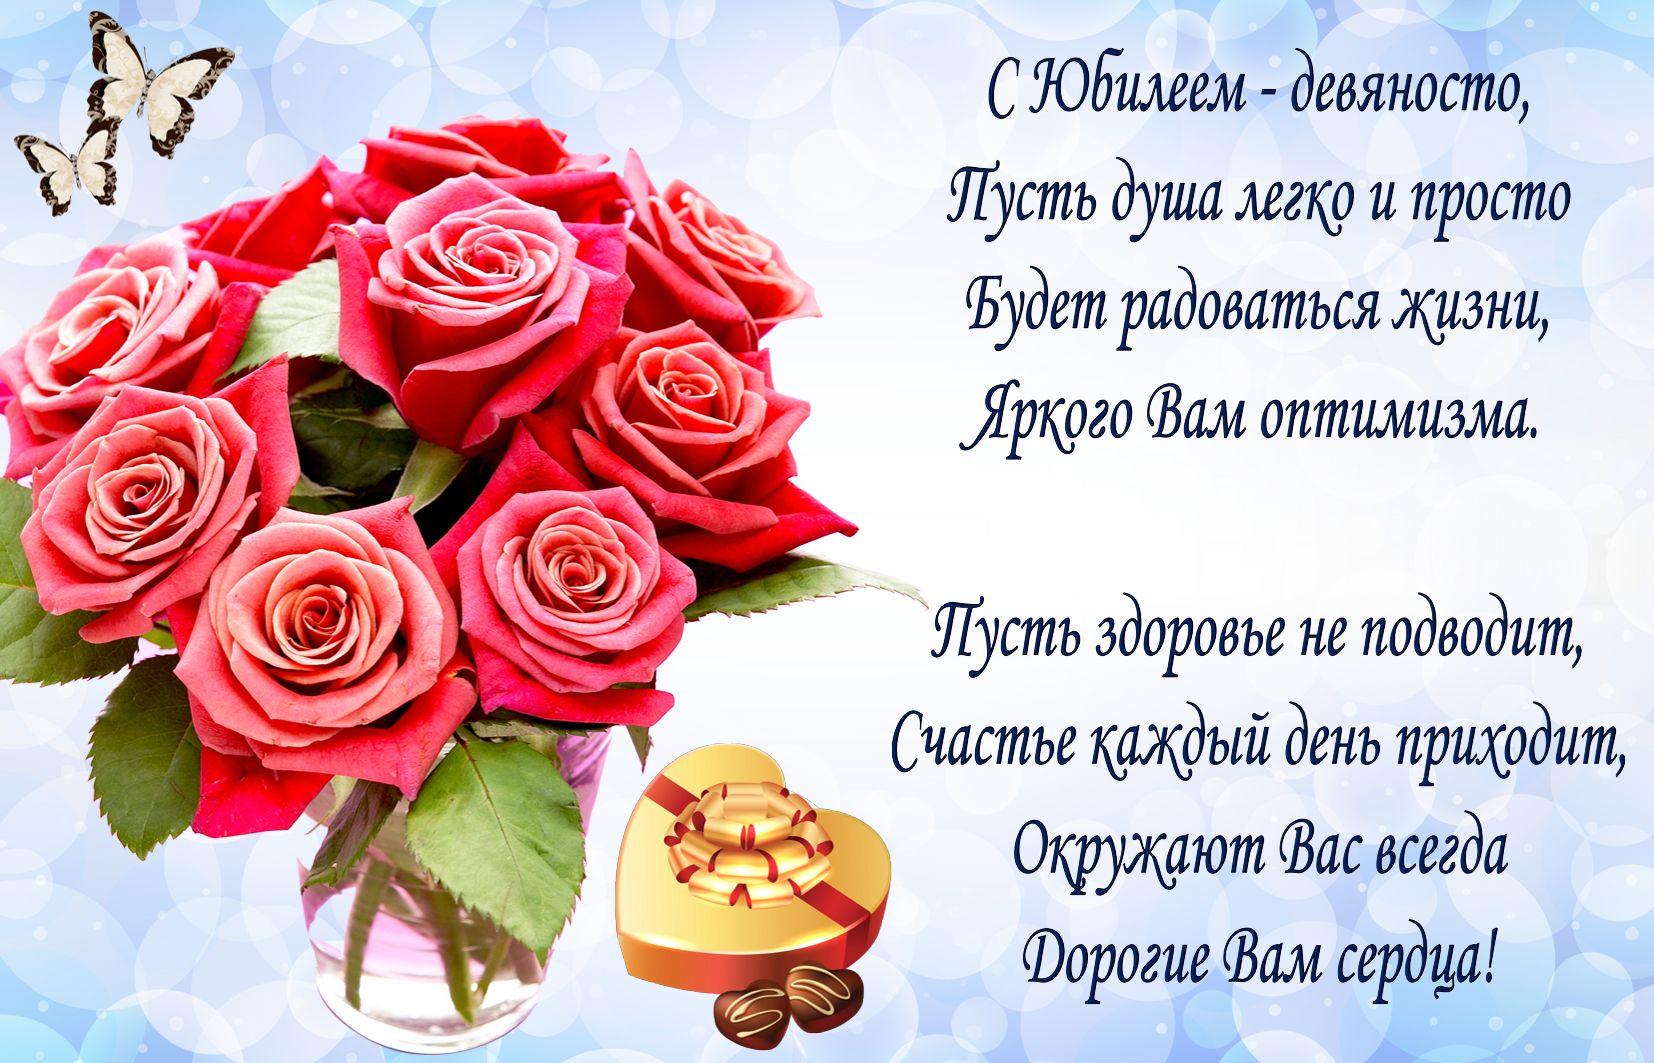 Букет роз и красивое пожелание к юбилею 90 лет